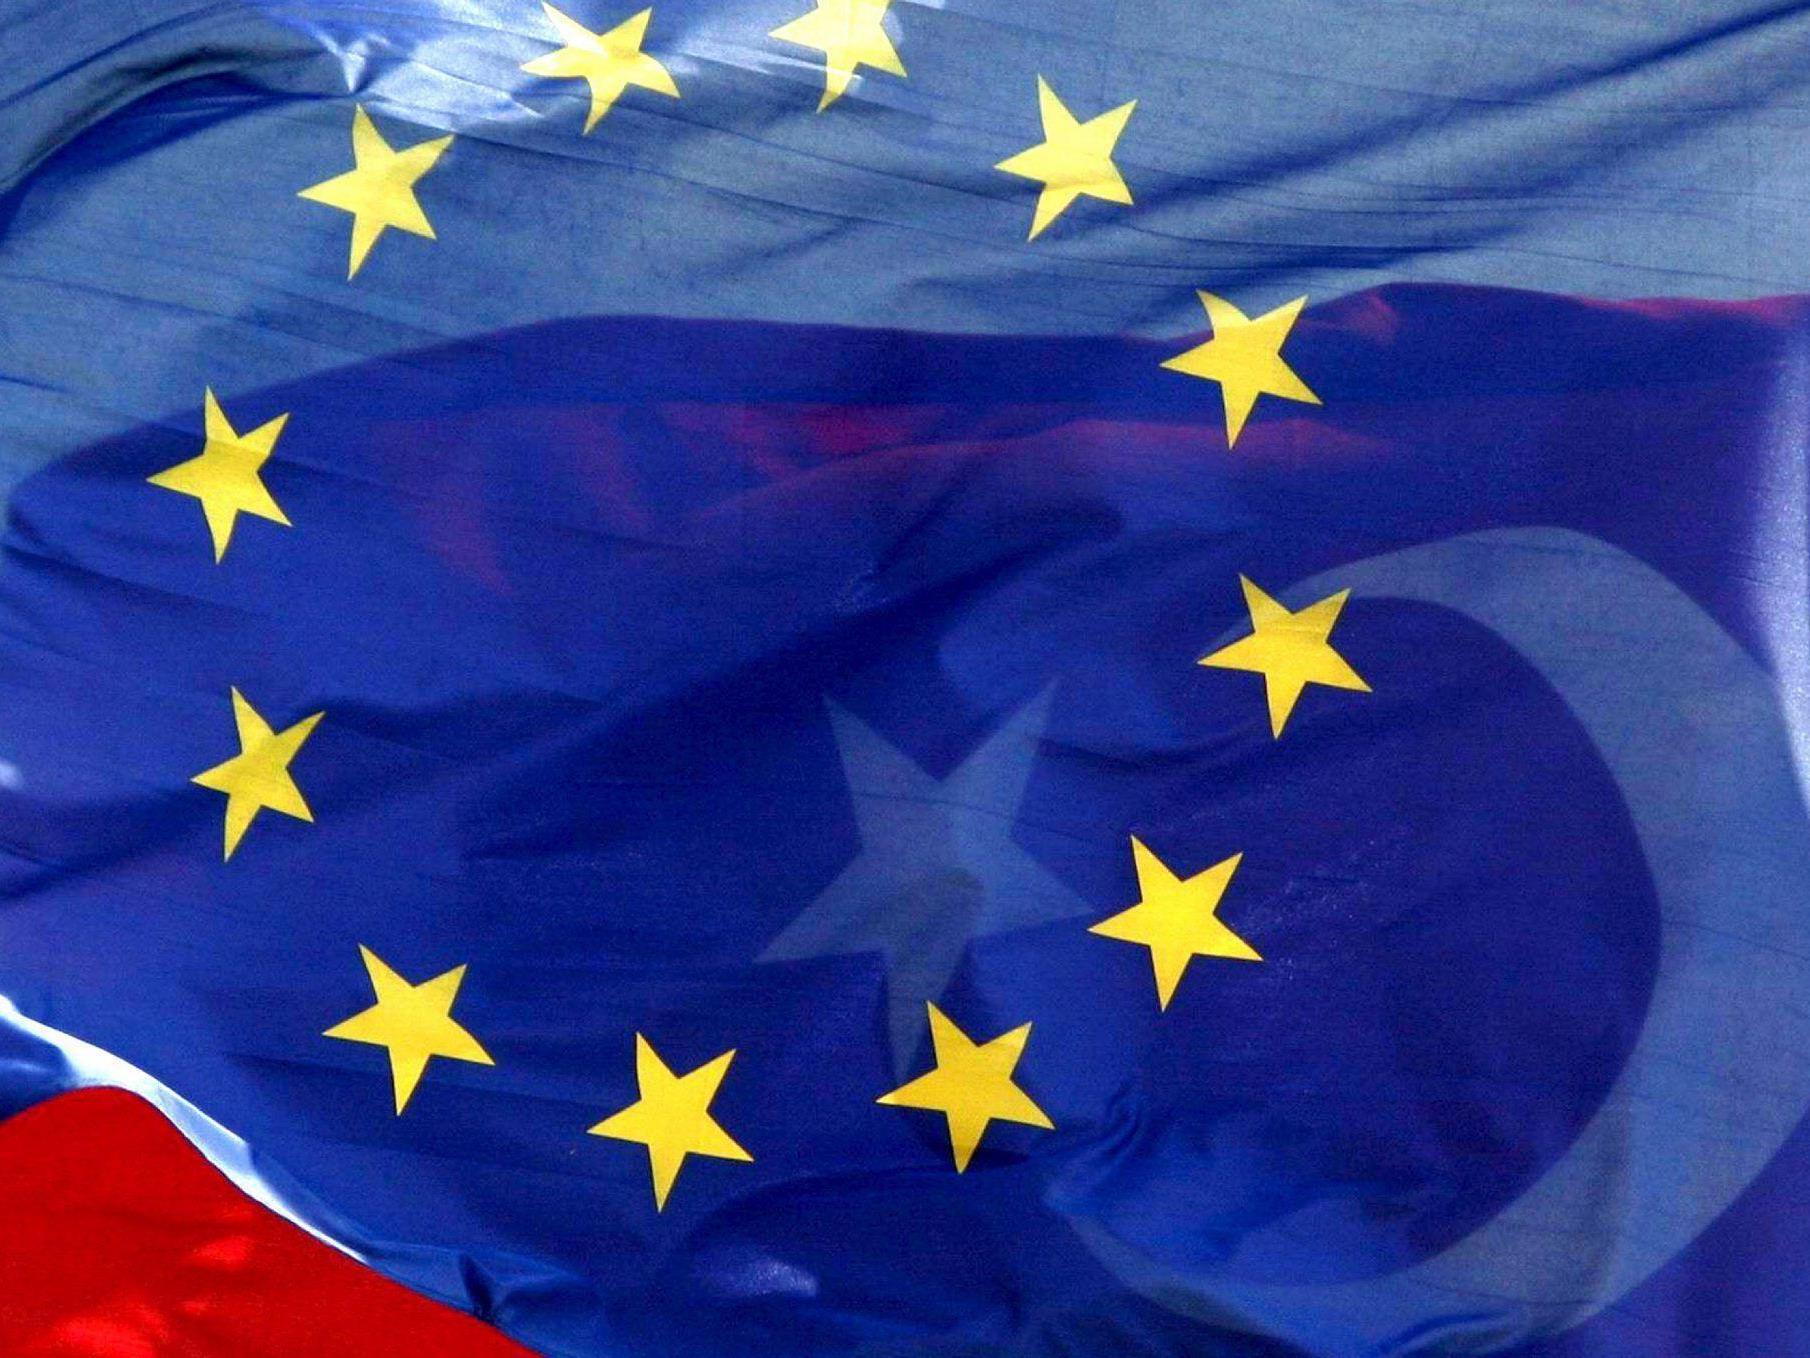 Visumspflicht für die EU soll für Türken mit Ende Juni fallen - Konflikt könnte Tausende in die Flucht treiben.